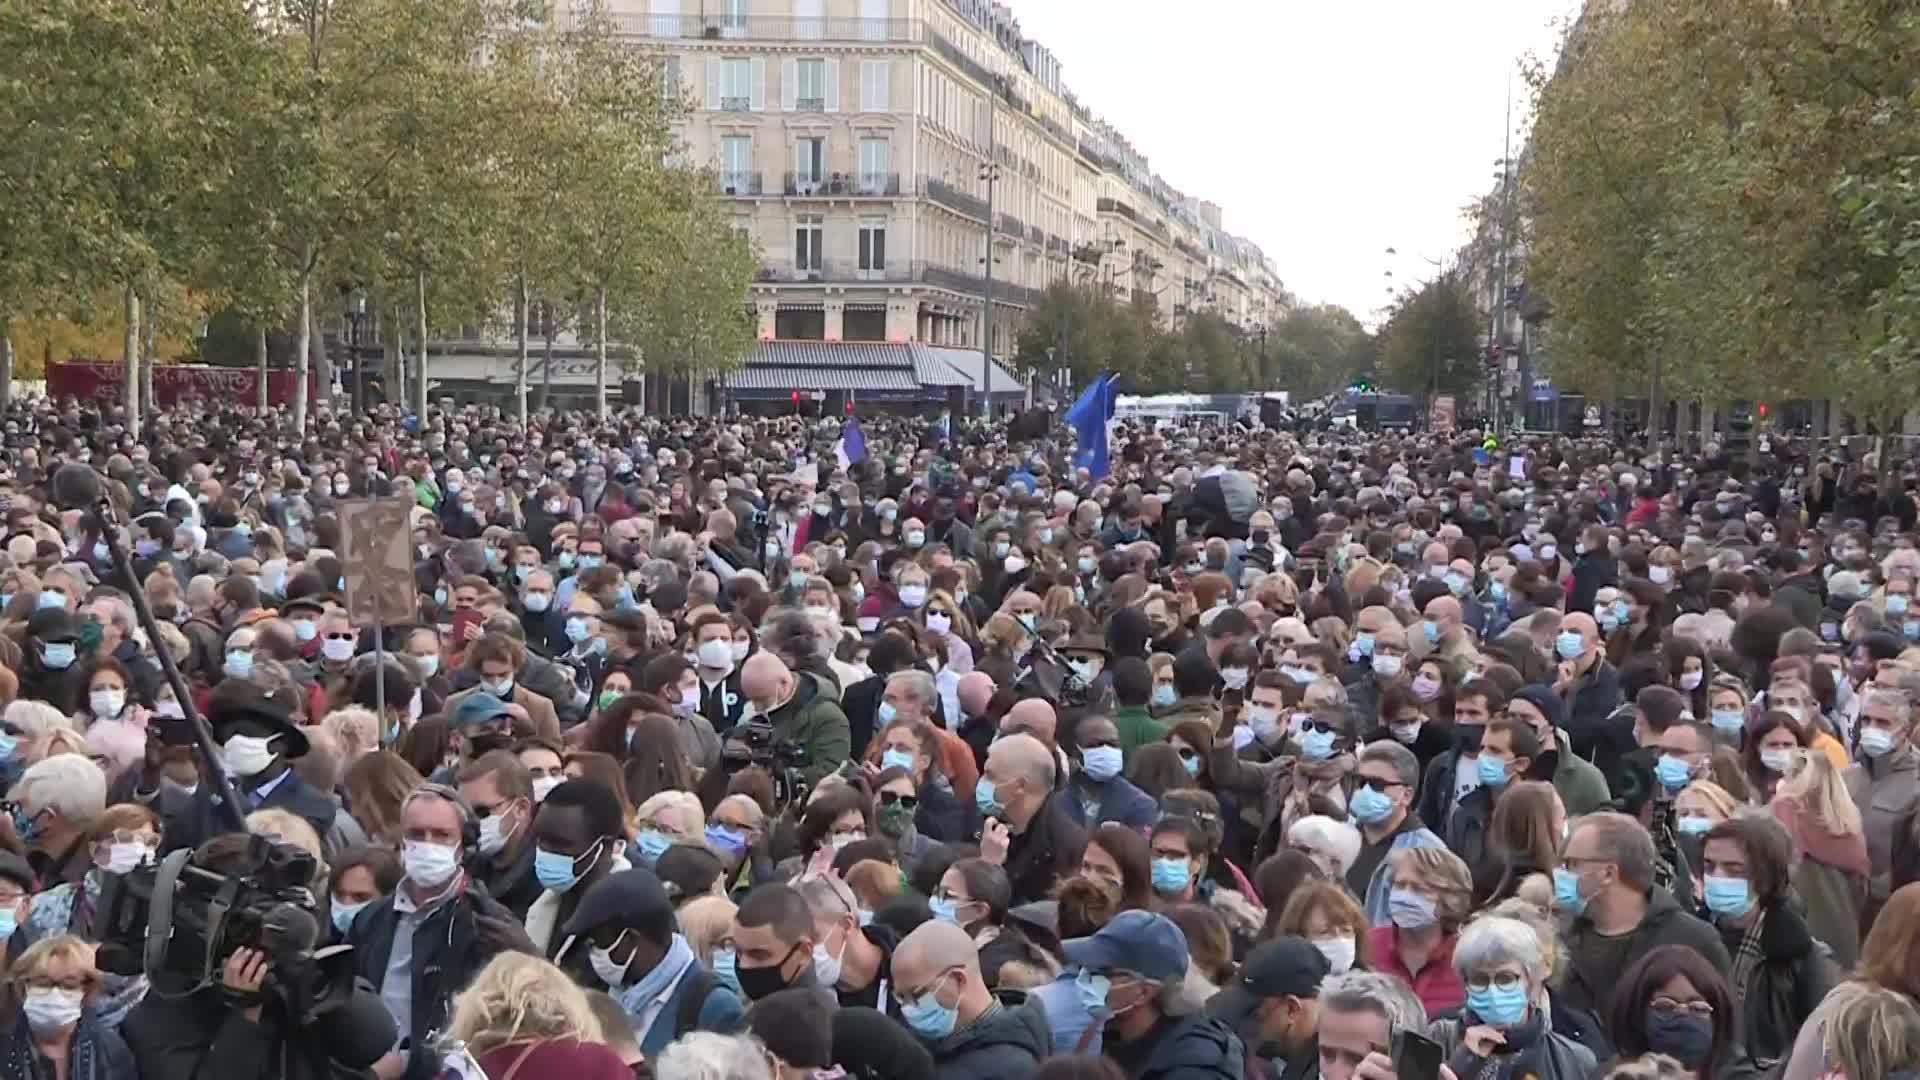 Francia: Concentración en París para rendir homenaje al profesor decapitado  | Video Ruptly